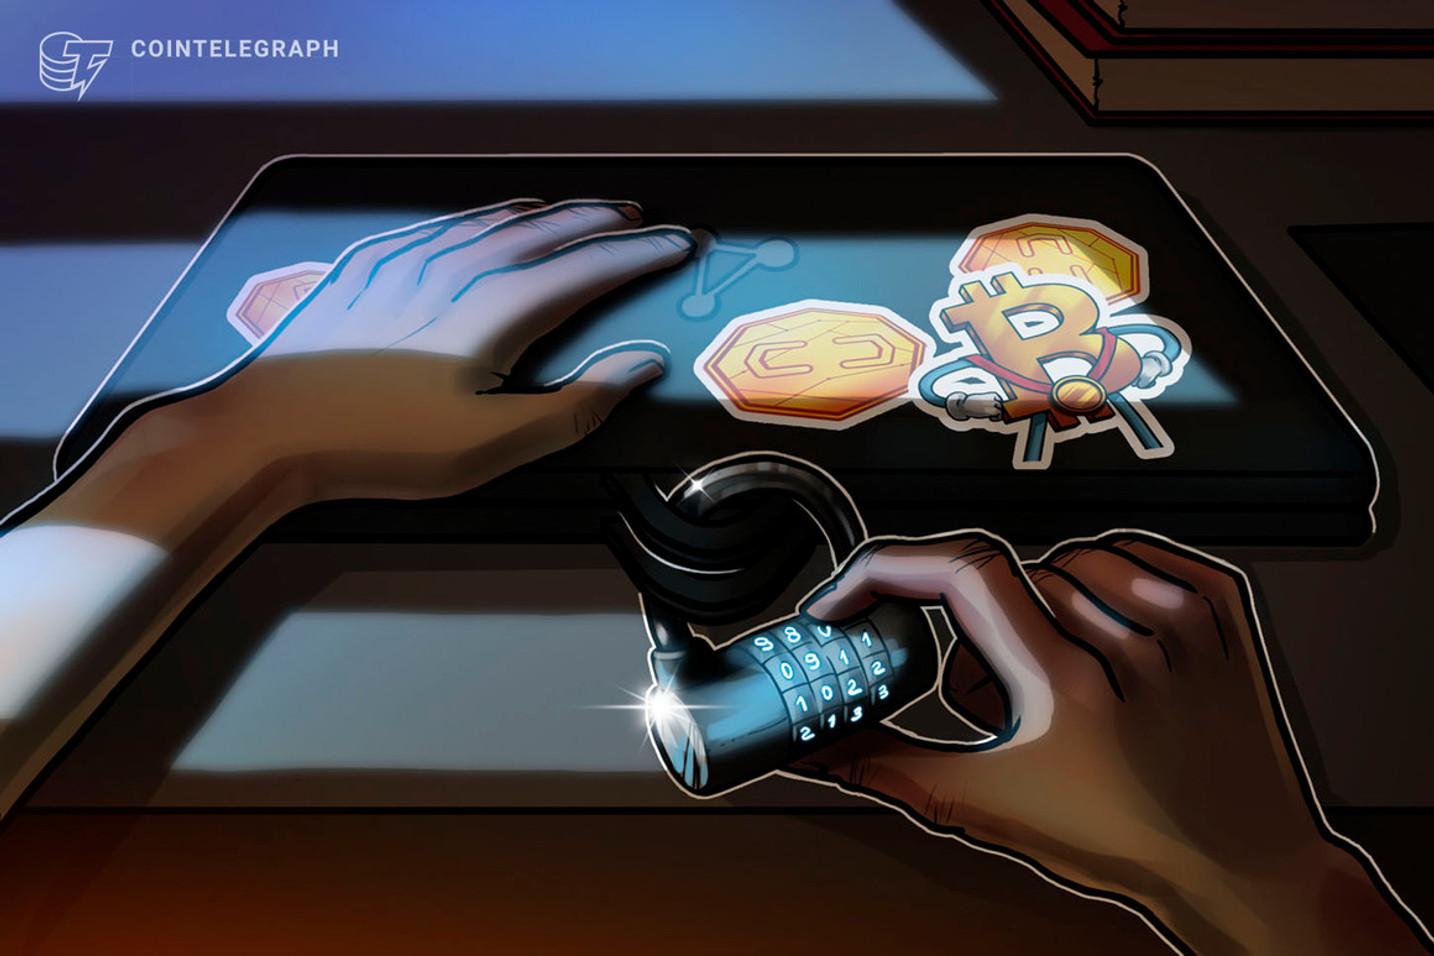 Gizlilik tabanlı kripto para nedir? Bitcoin ile farkı ne?